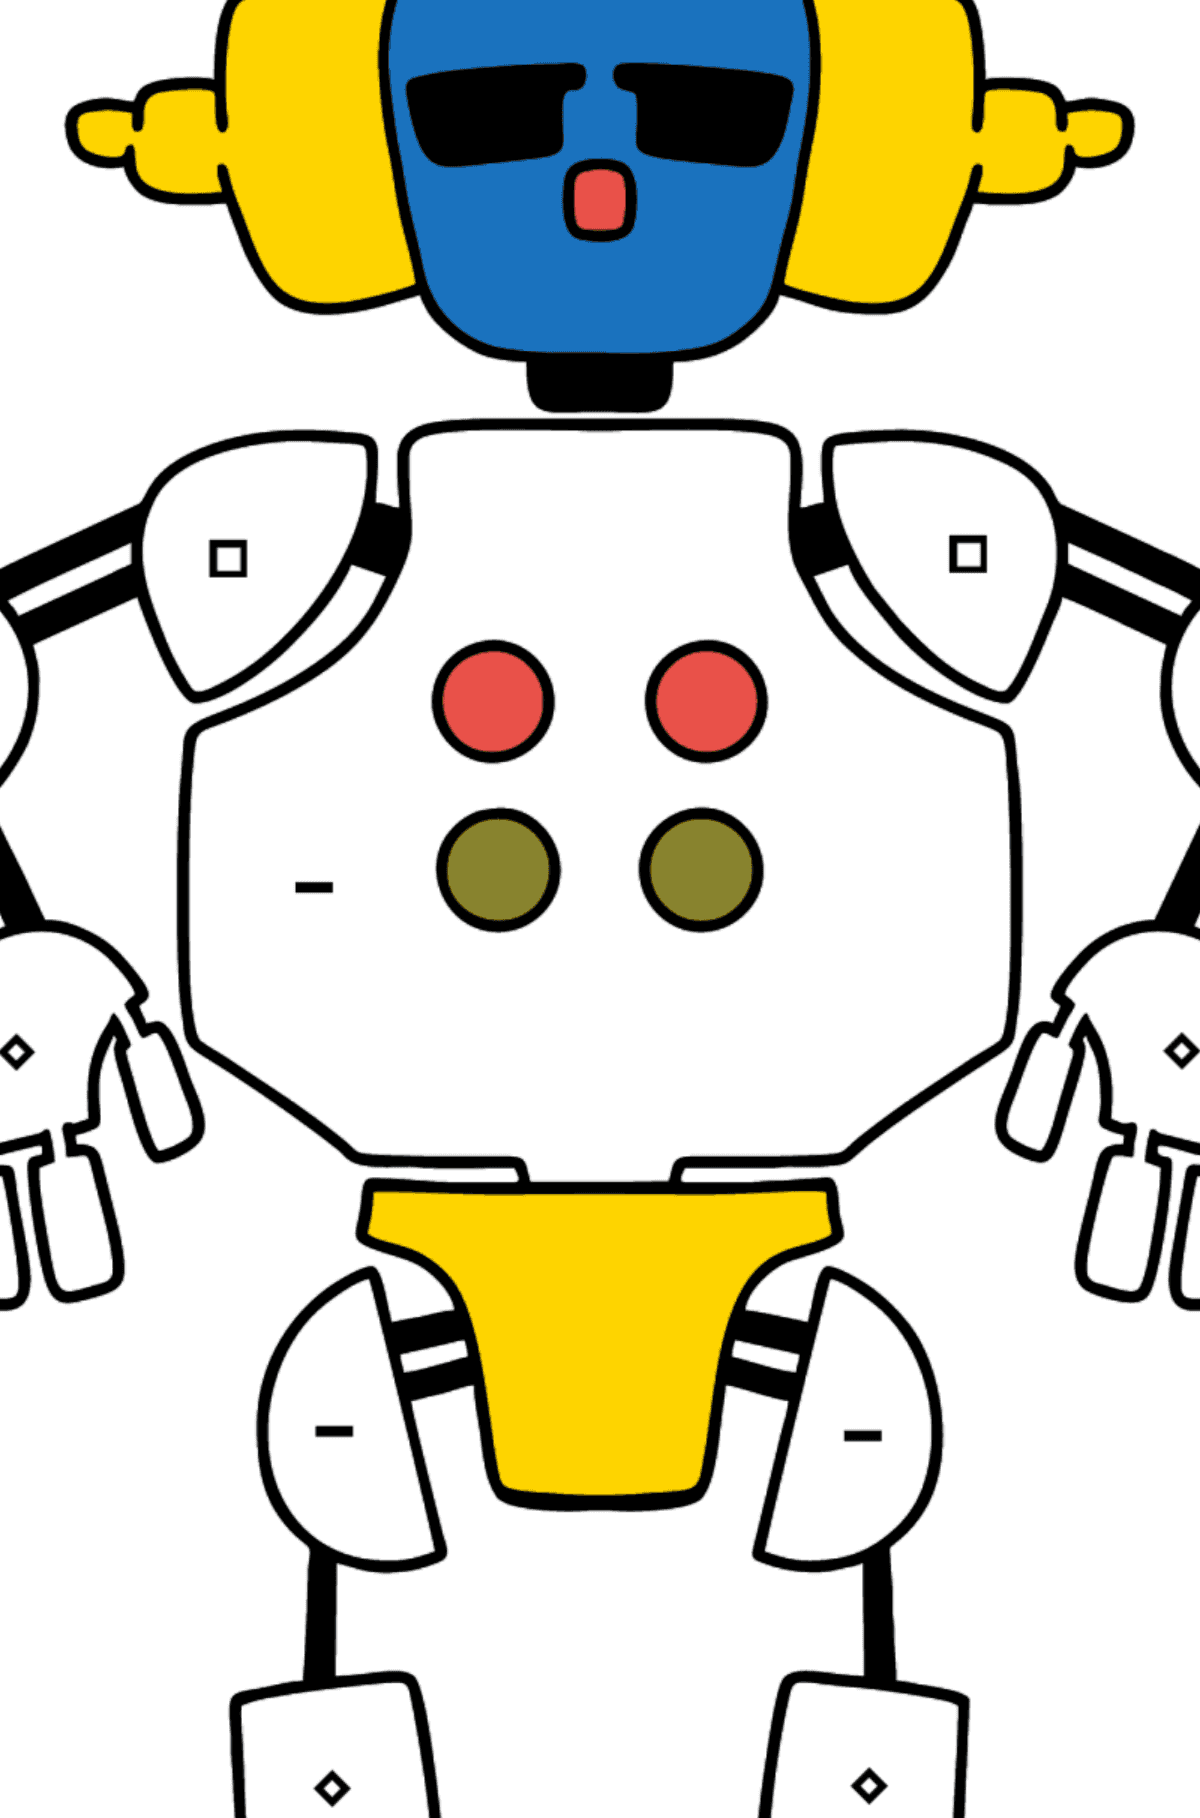 Раскраска робот в наушниках - Раскраска по Символам для Детей